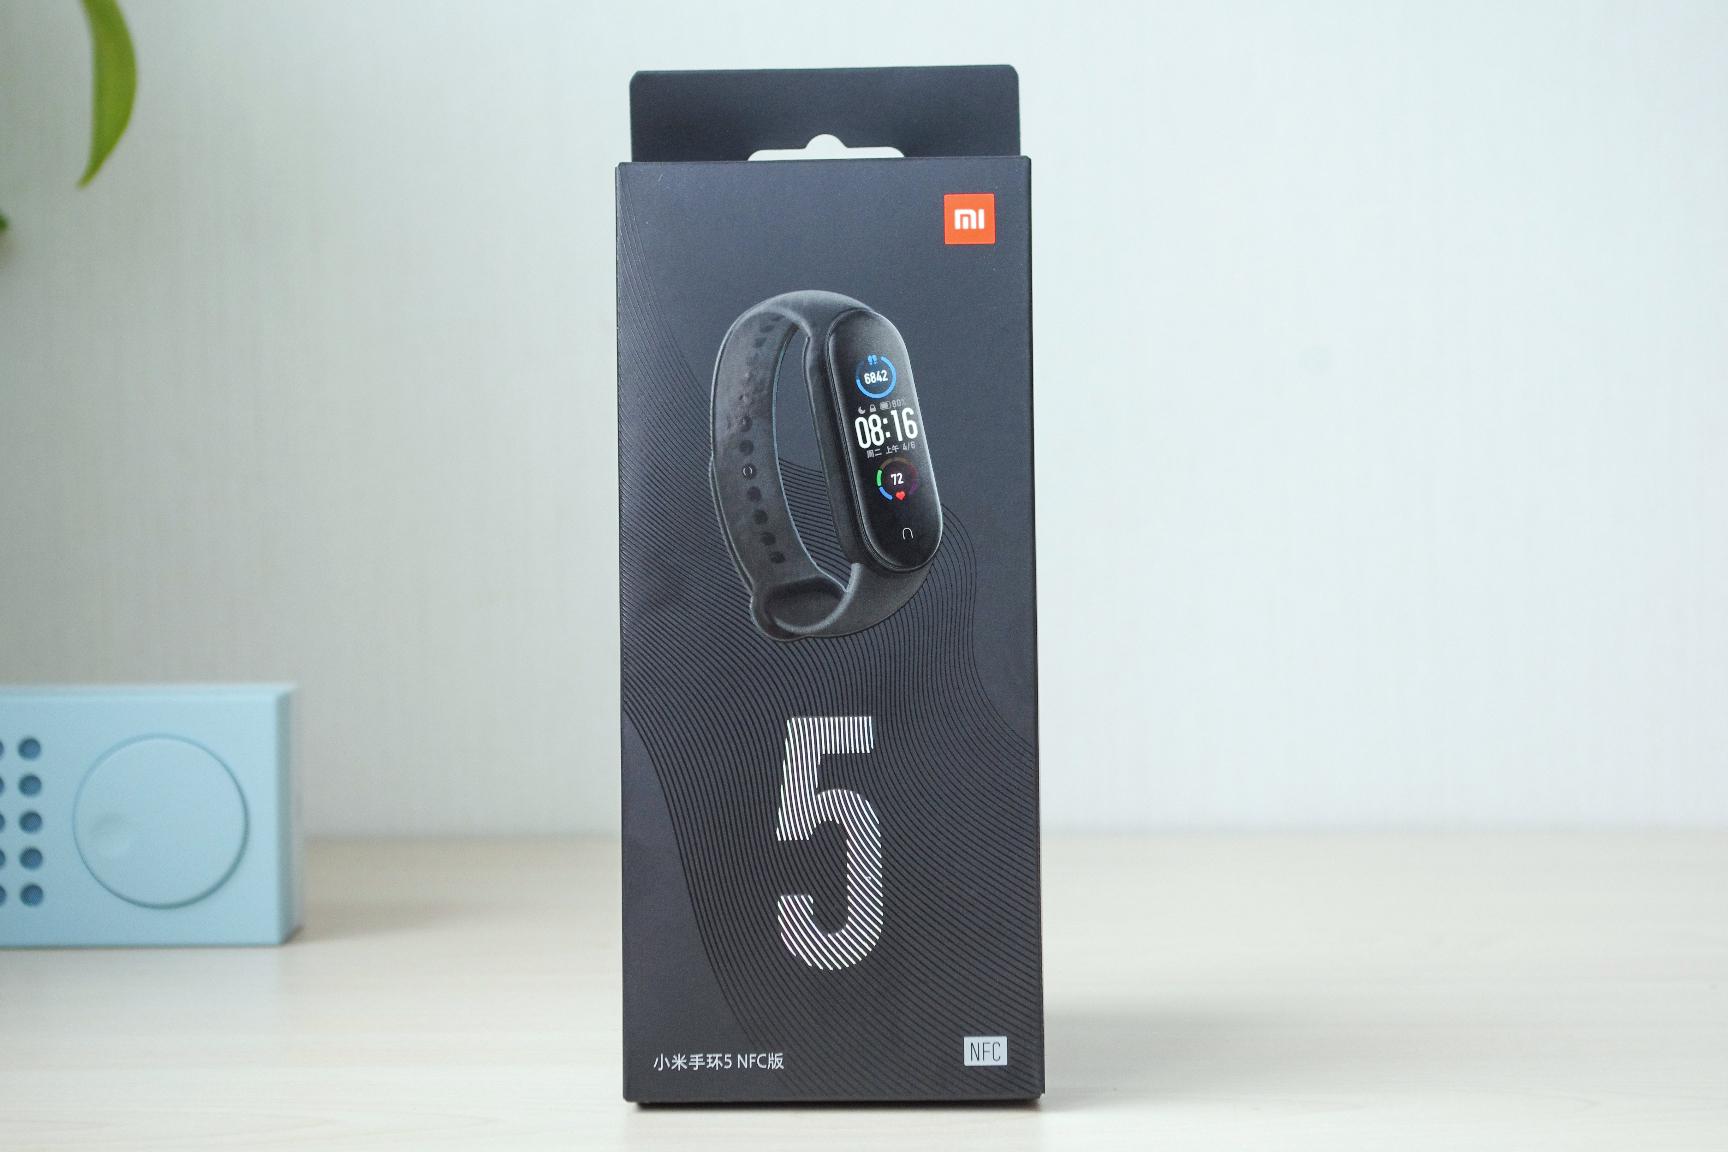 小米手环5 NFC版评测:229元实用性拉满